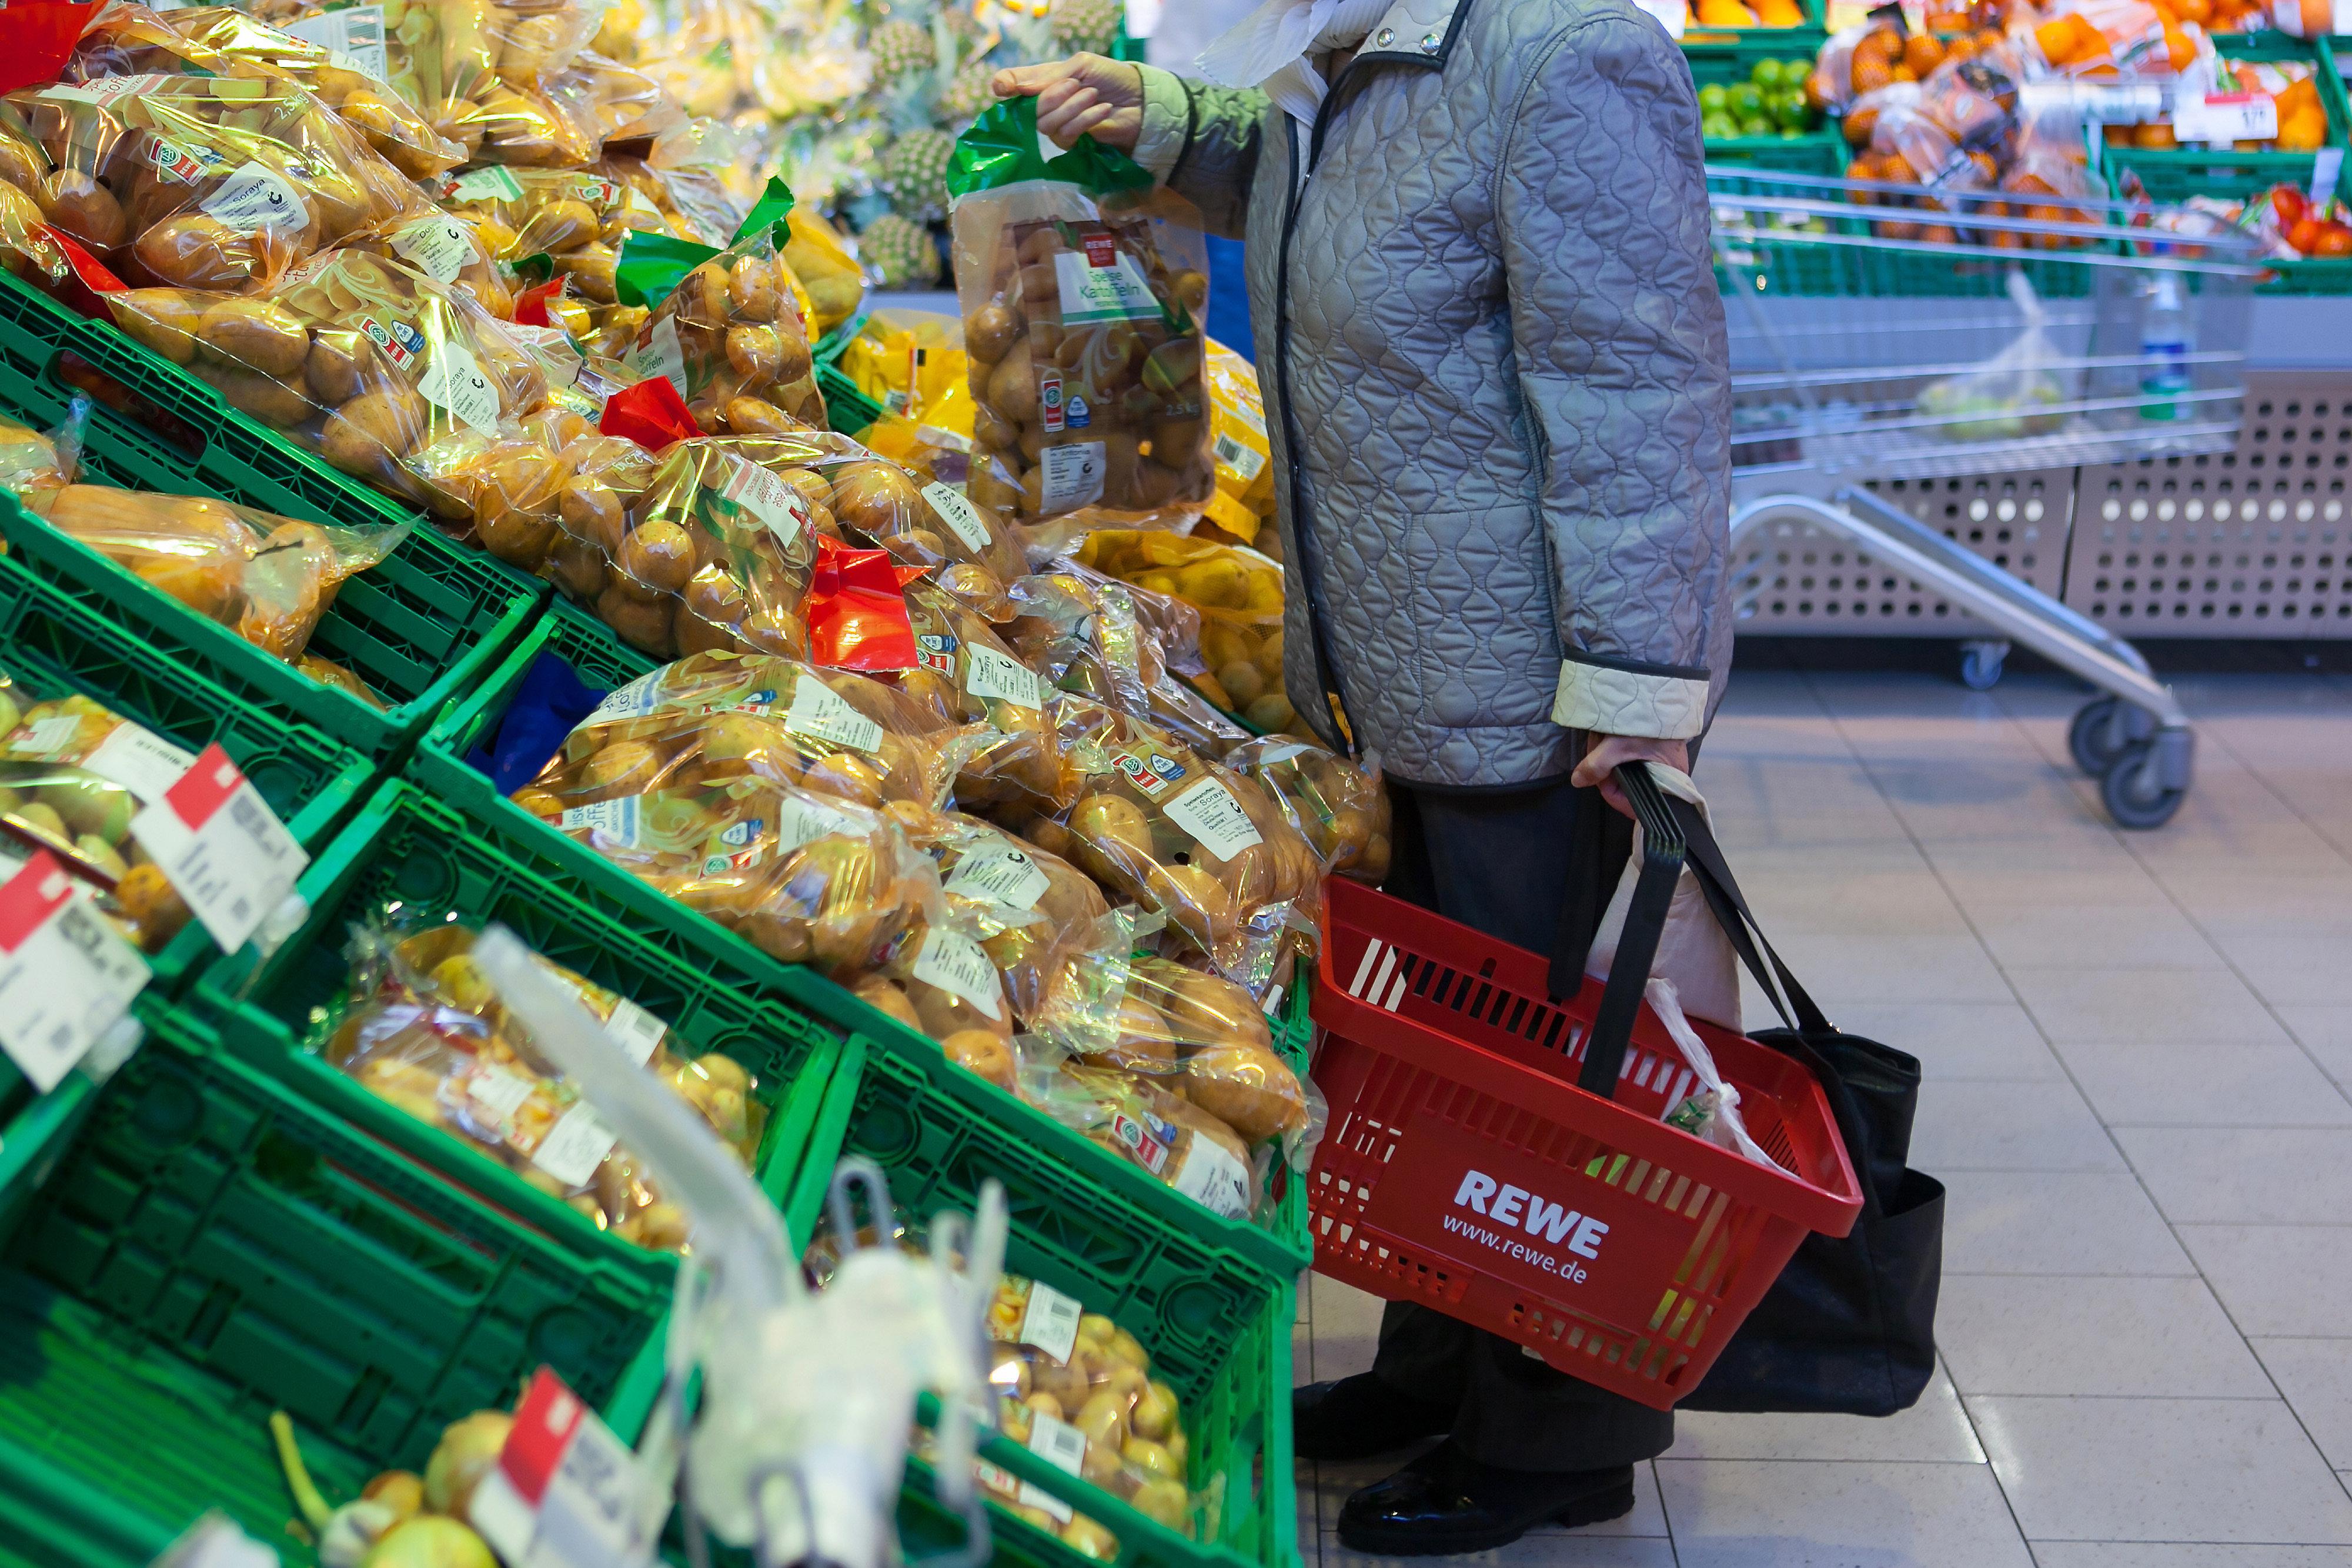 Rewe-Kundin fragt sich, wieso Gemüse so schnell schimmelt – ihre Antwort darauf findet sie im